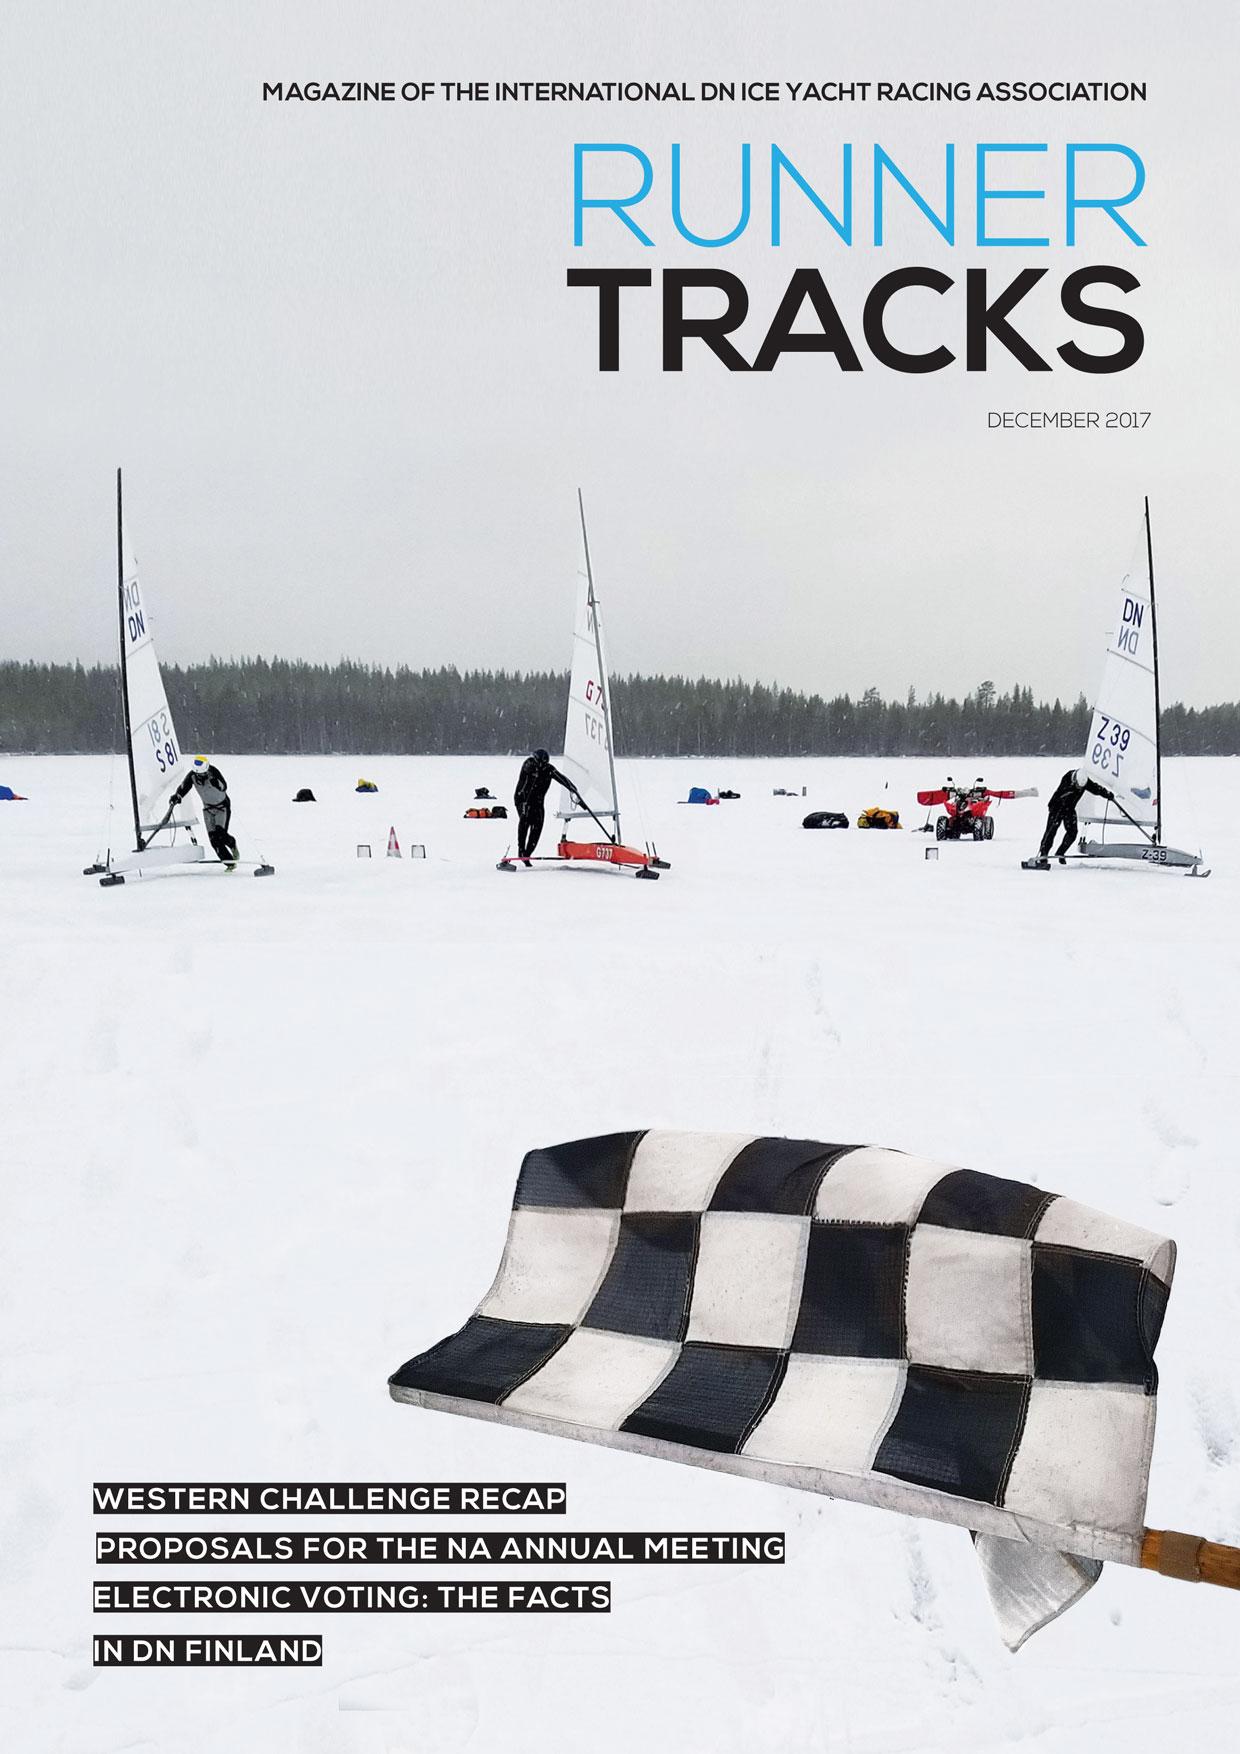 Runner-Tracks-December-2017-Cover.jpg